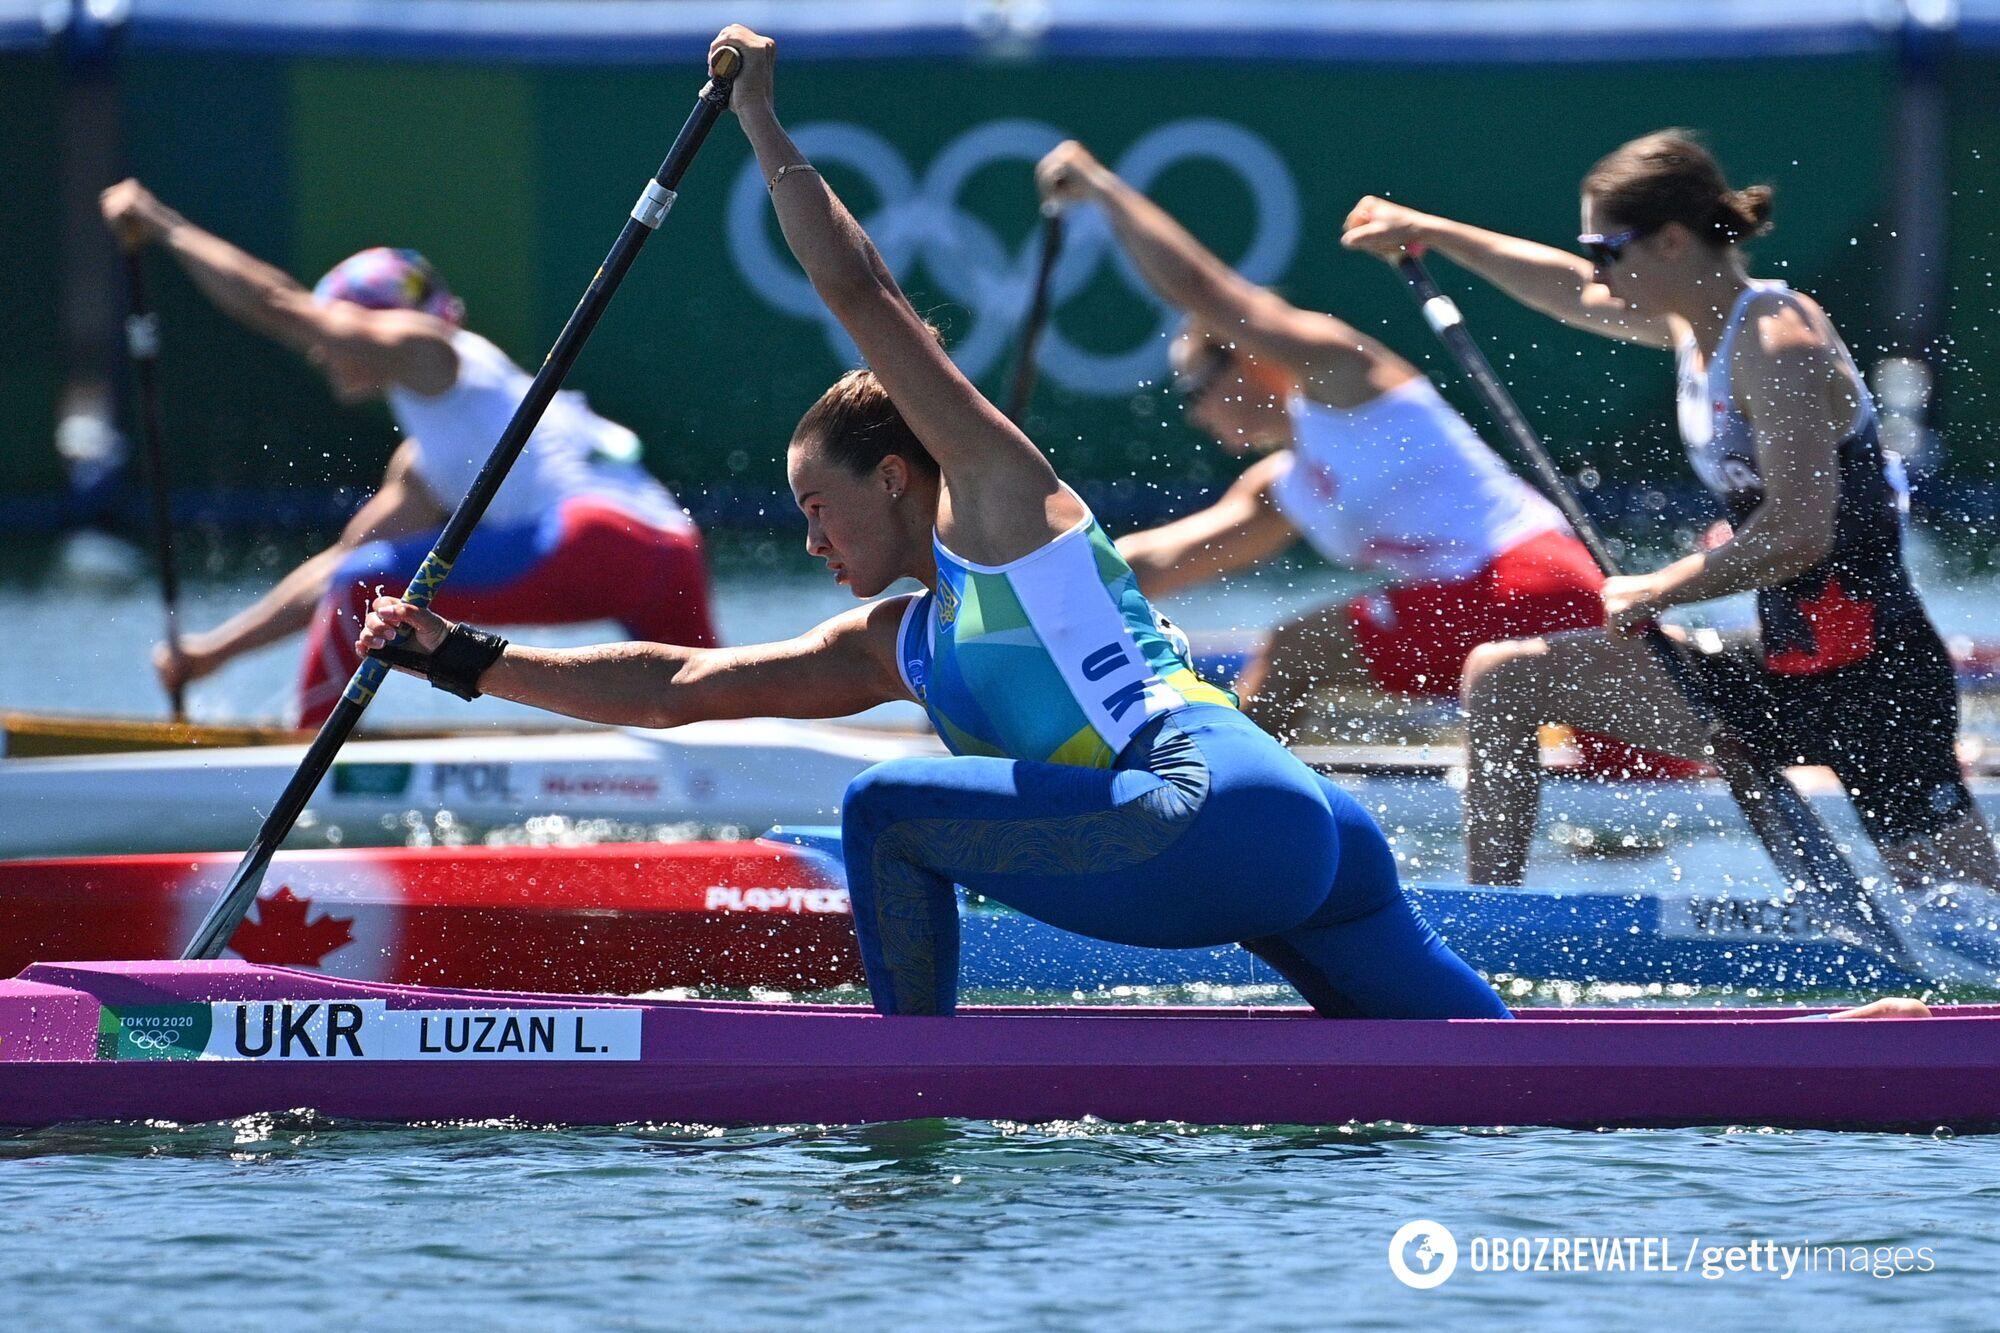 Людмила Лузан на Олимпийских играх в Японии.